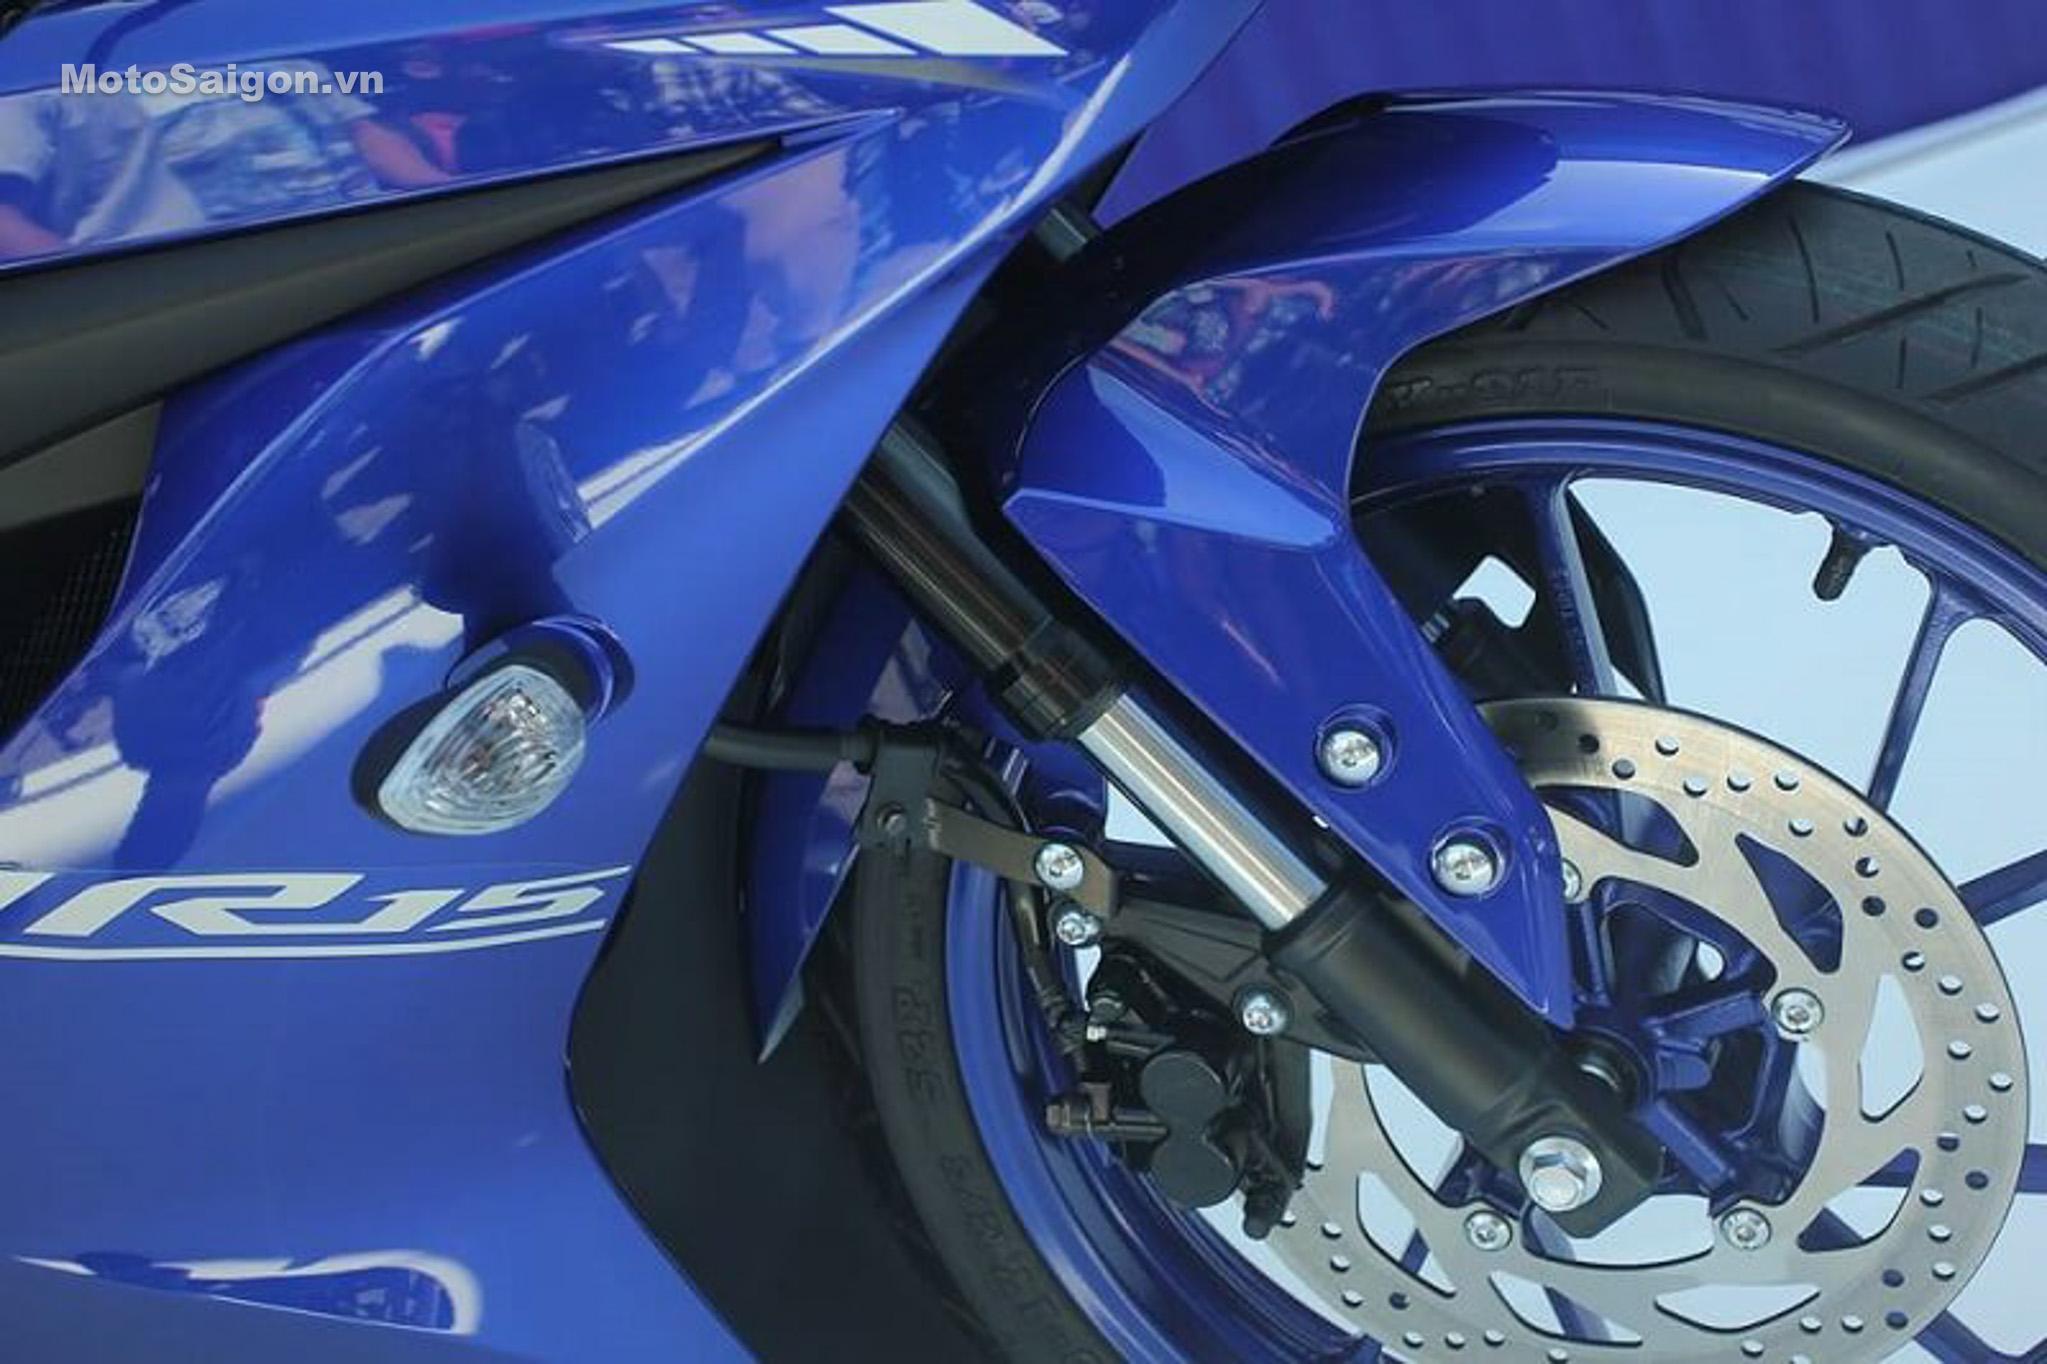 danh-gia-xe-yamaha-r15-v3-2017-hinh-anh-motosaigon-20